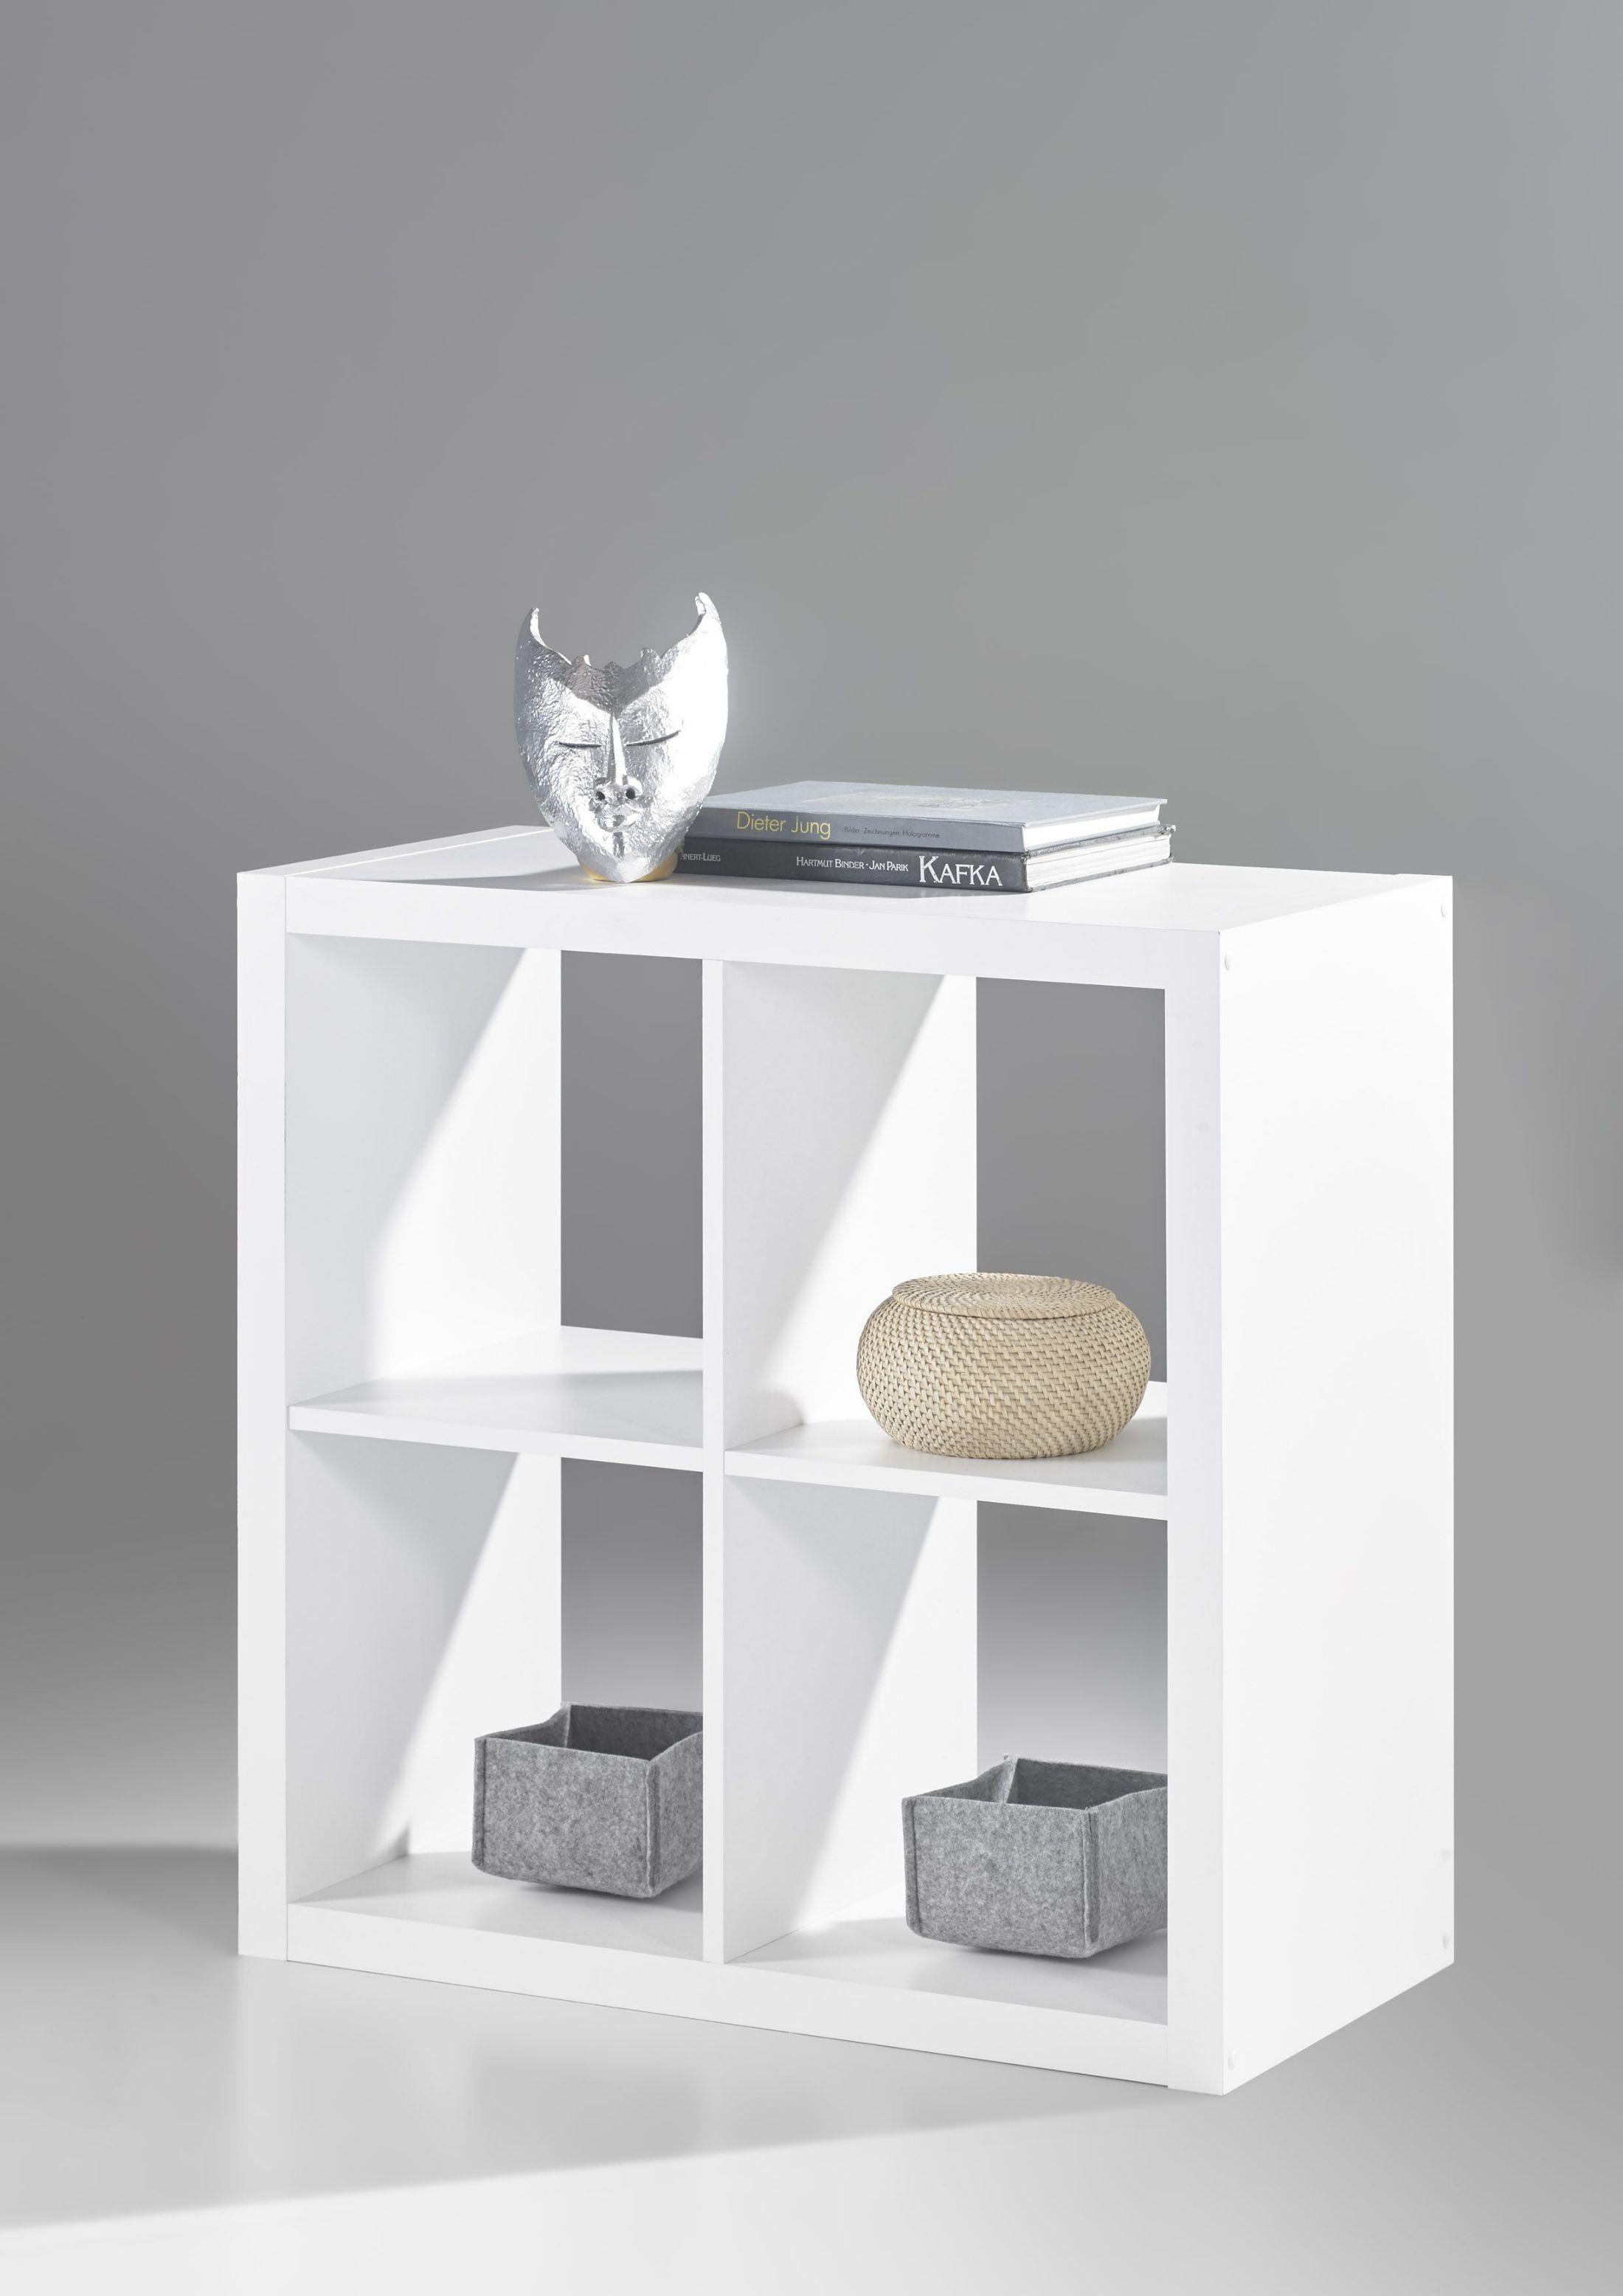 Raumteiler Weiss Woody 32 00172 Holz Modern Jetzt Bestellen Unter: Https://